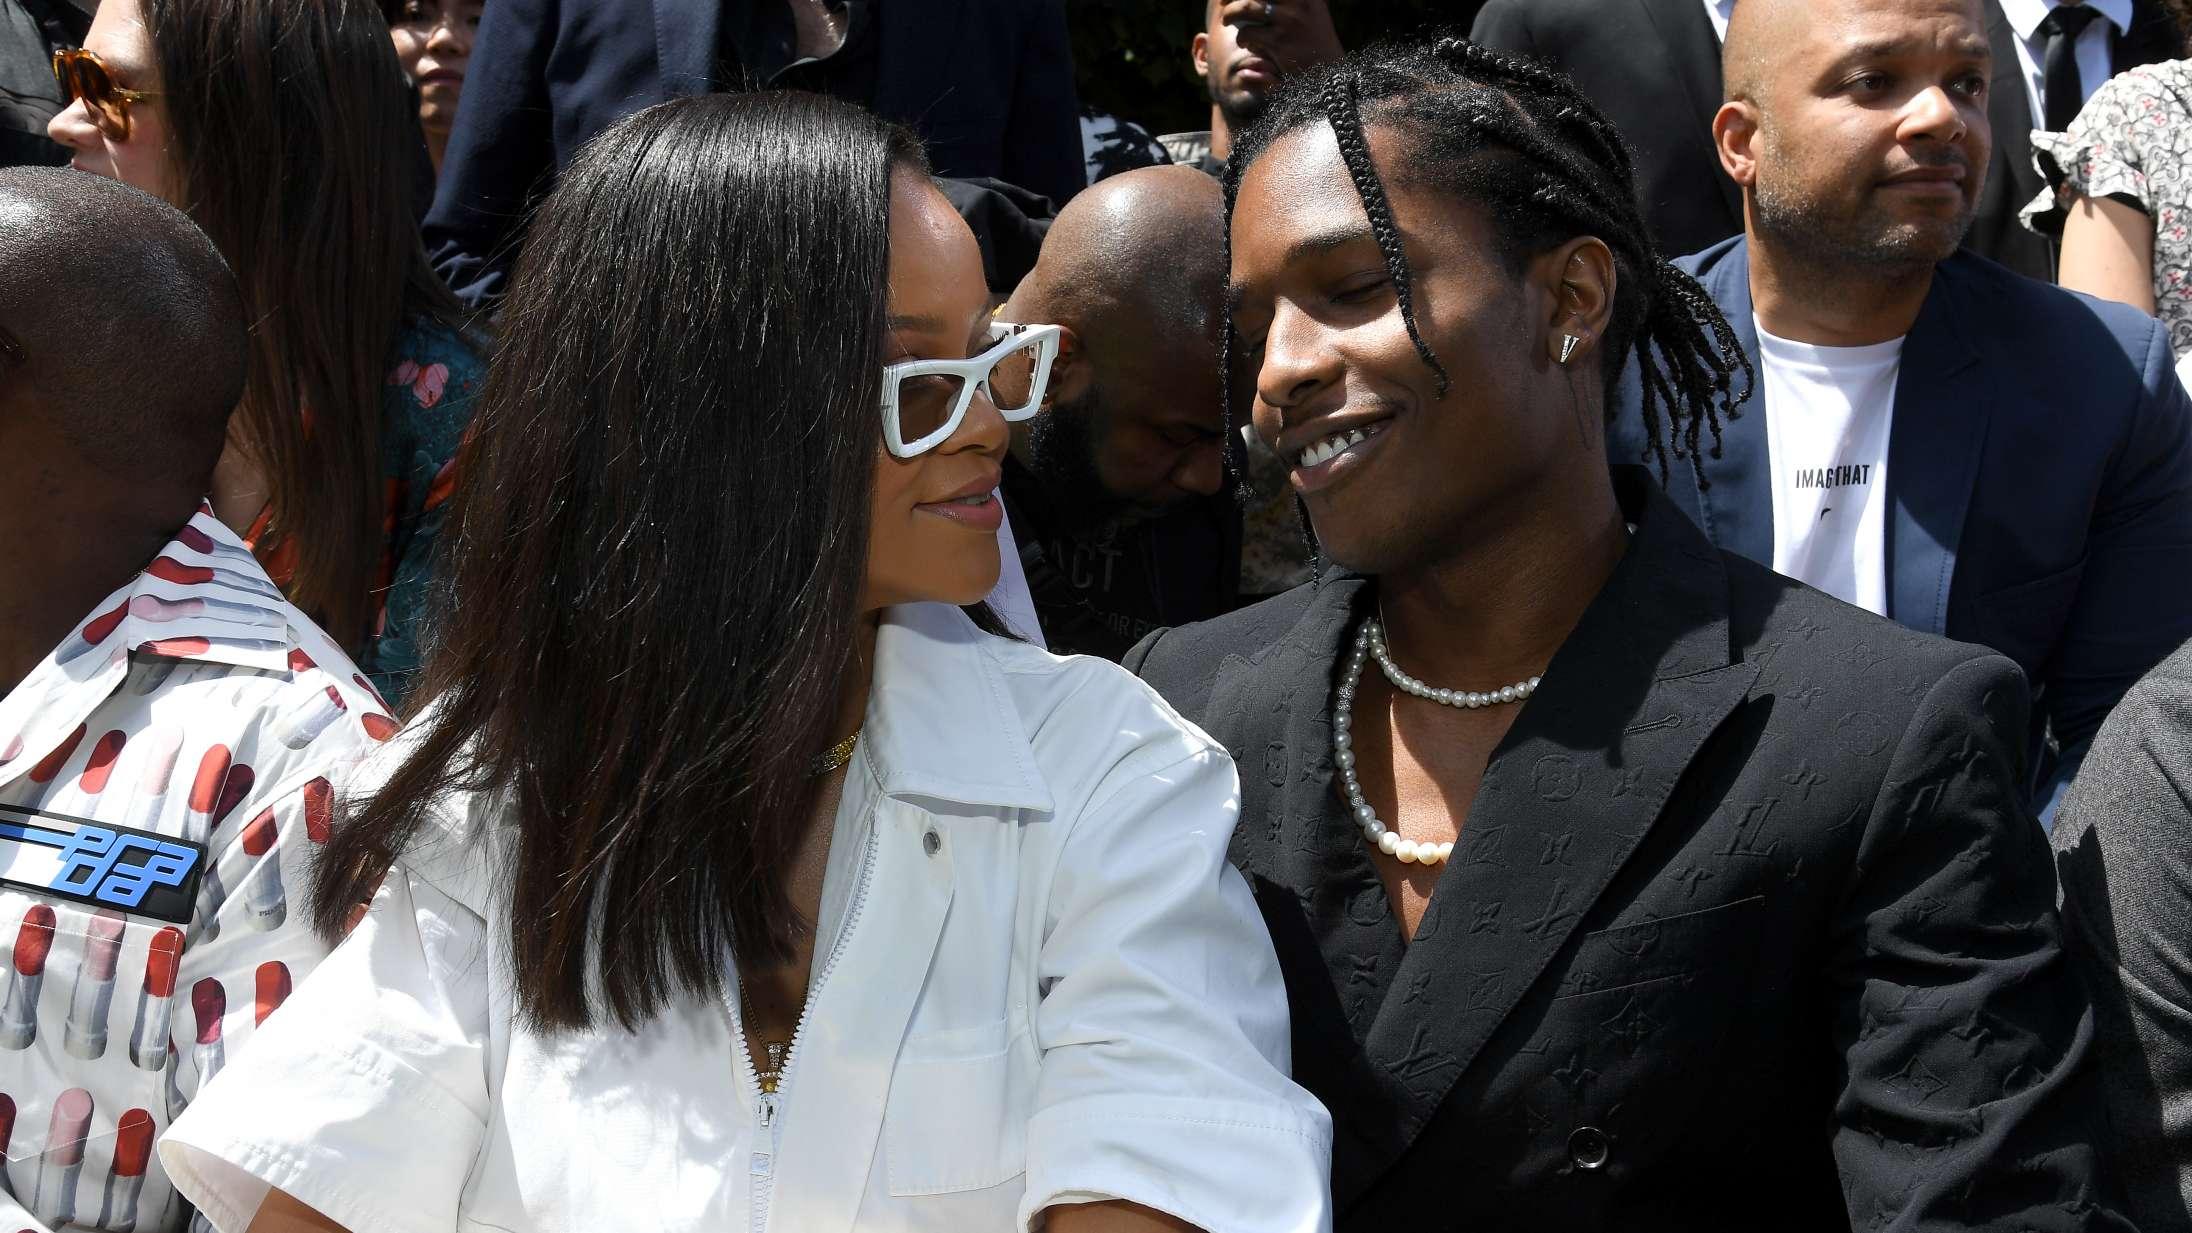 Ifølge rygtebørsen er Rihanna og ASAP Rocky nu et par